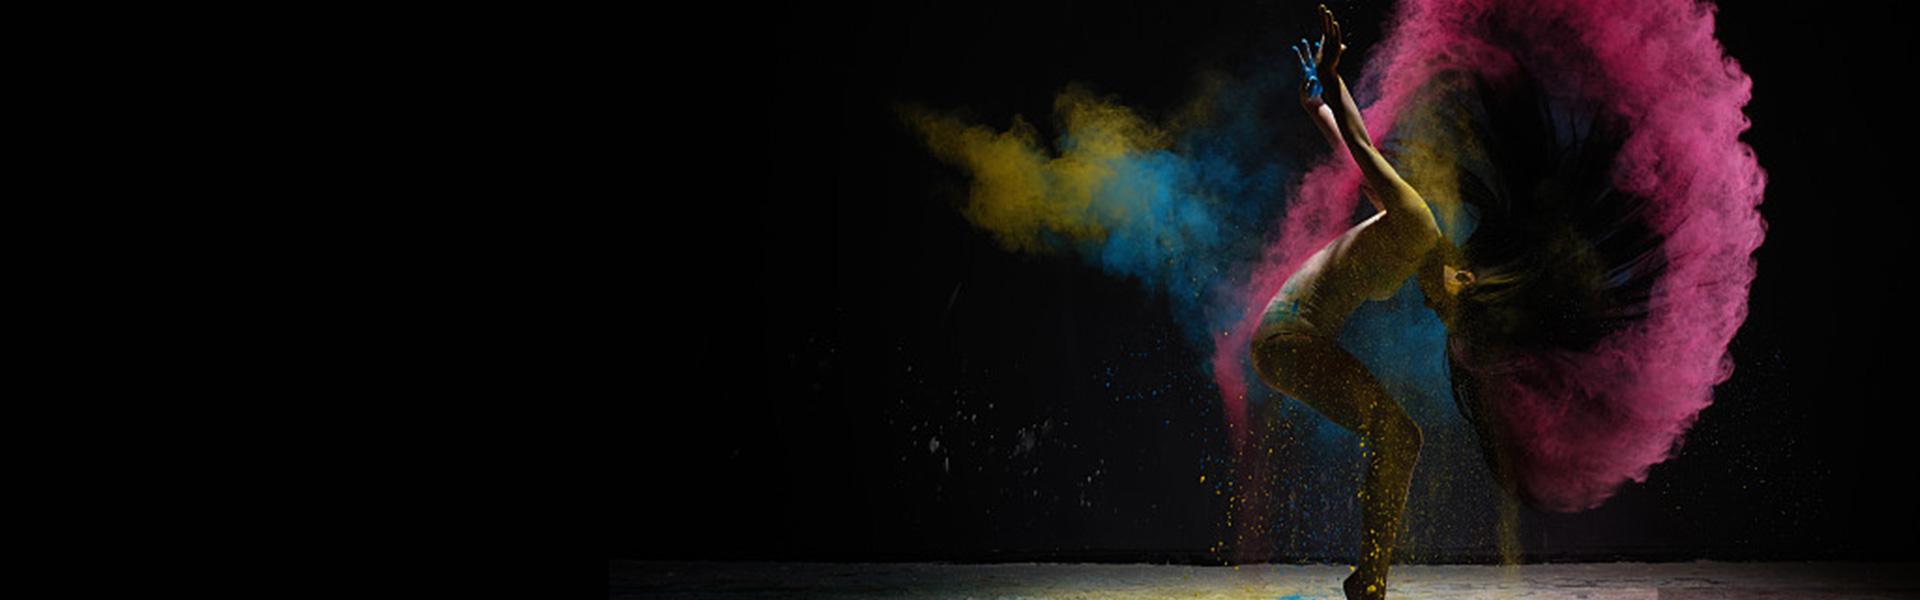 feminine dance color banner  female  dance  smoke effect